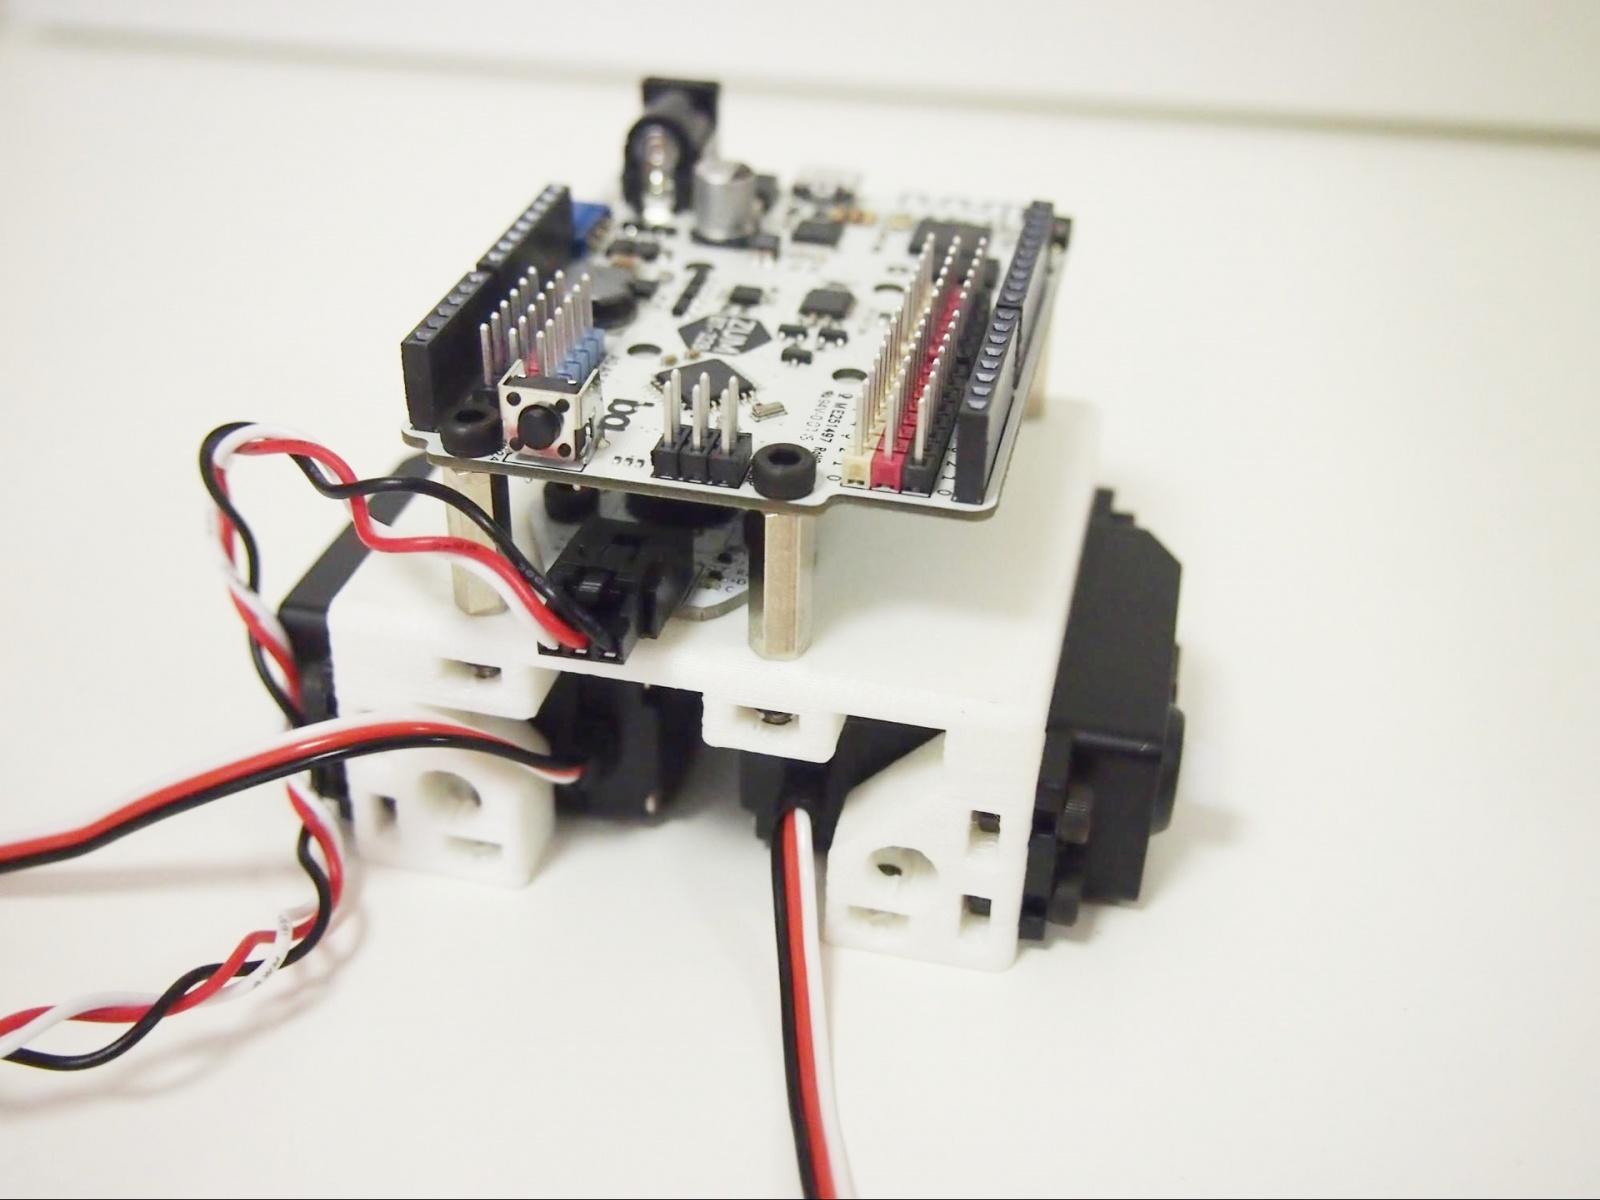 DIY Робот или эволюция в комплекте - 13